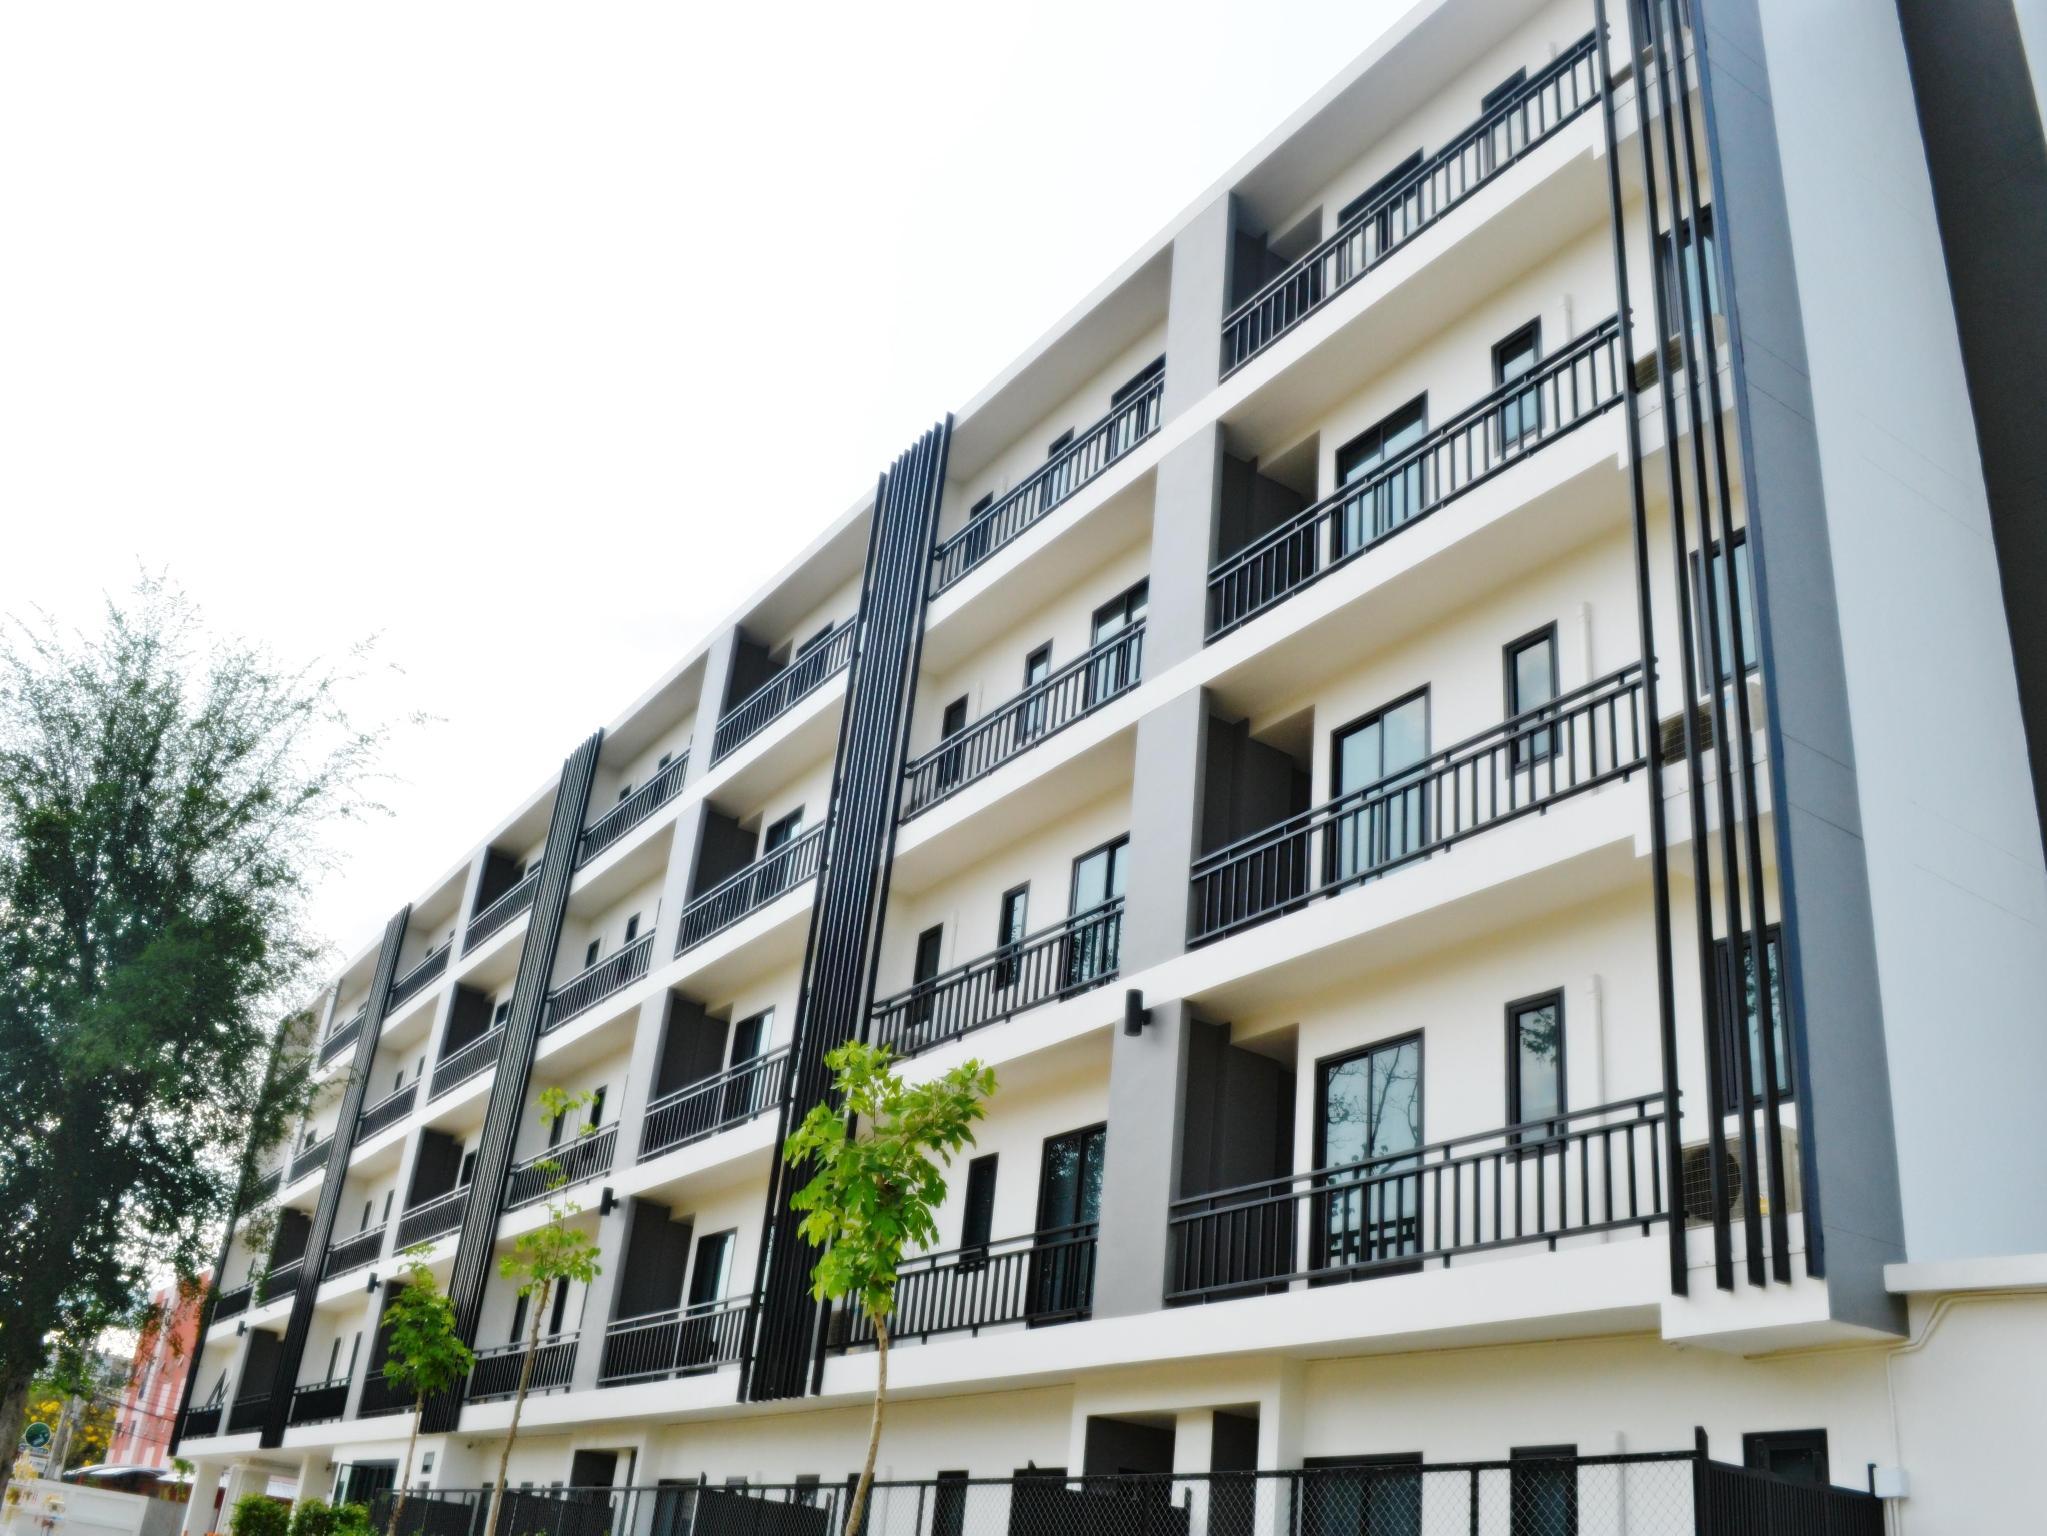 Review บ้าน 39 เซอร์วิซ อพาร์ตเมนต์ - เชียงใหม่ CR Pantip